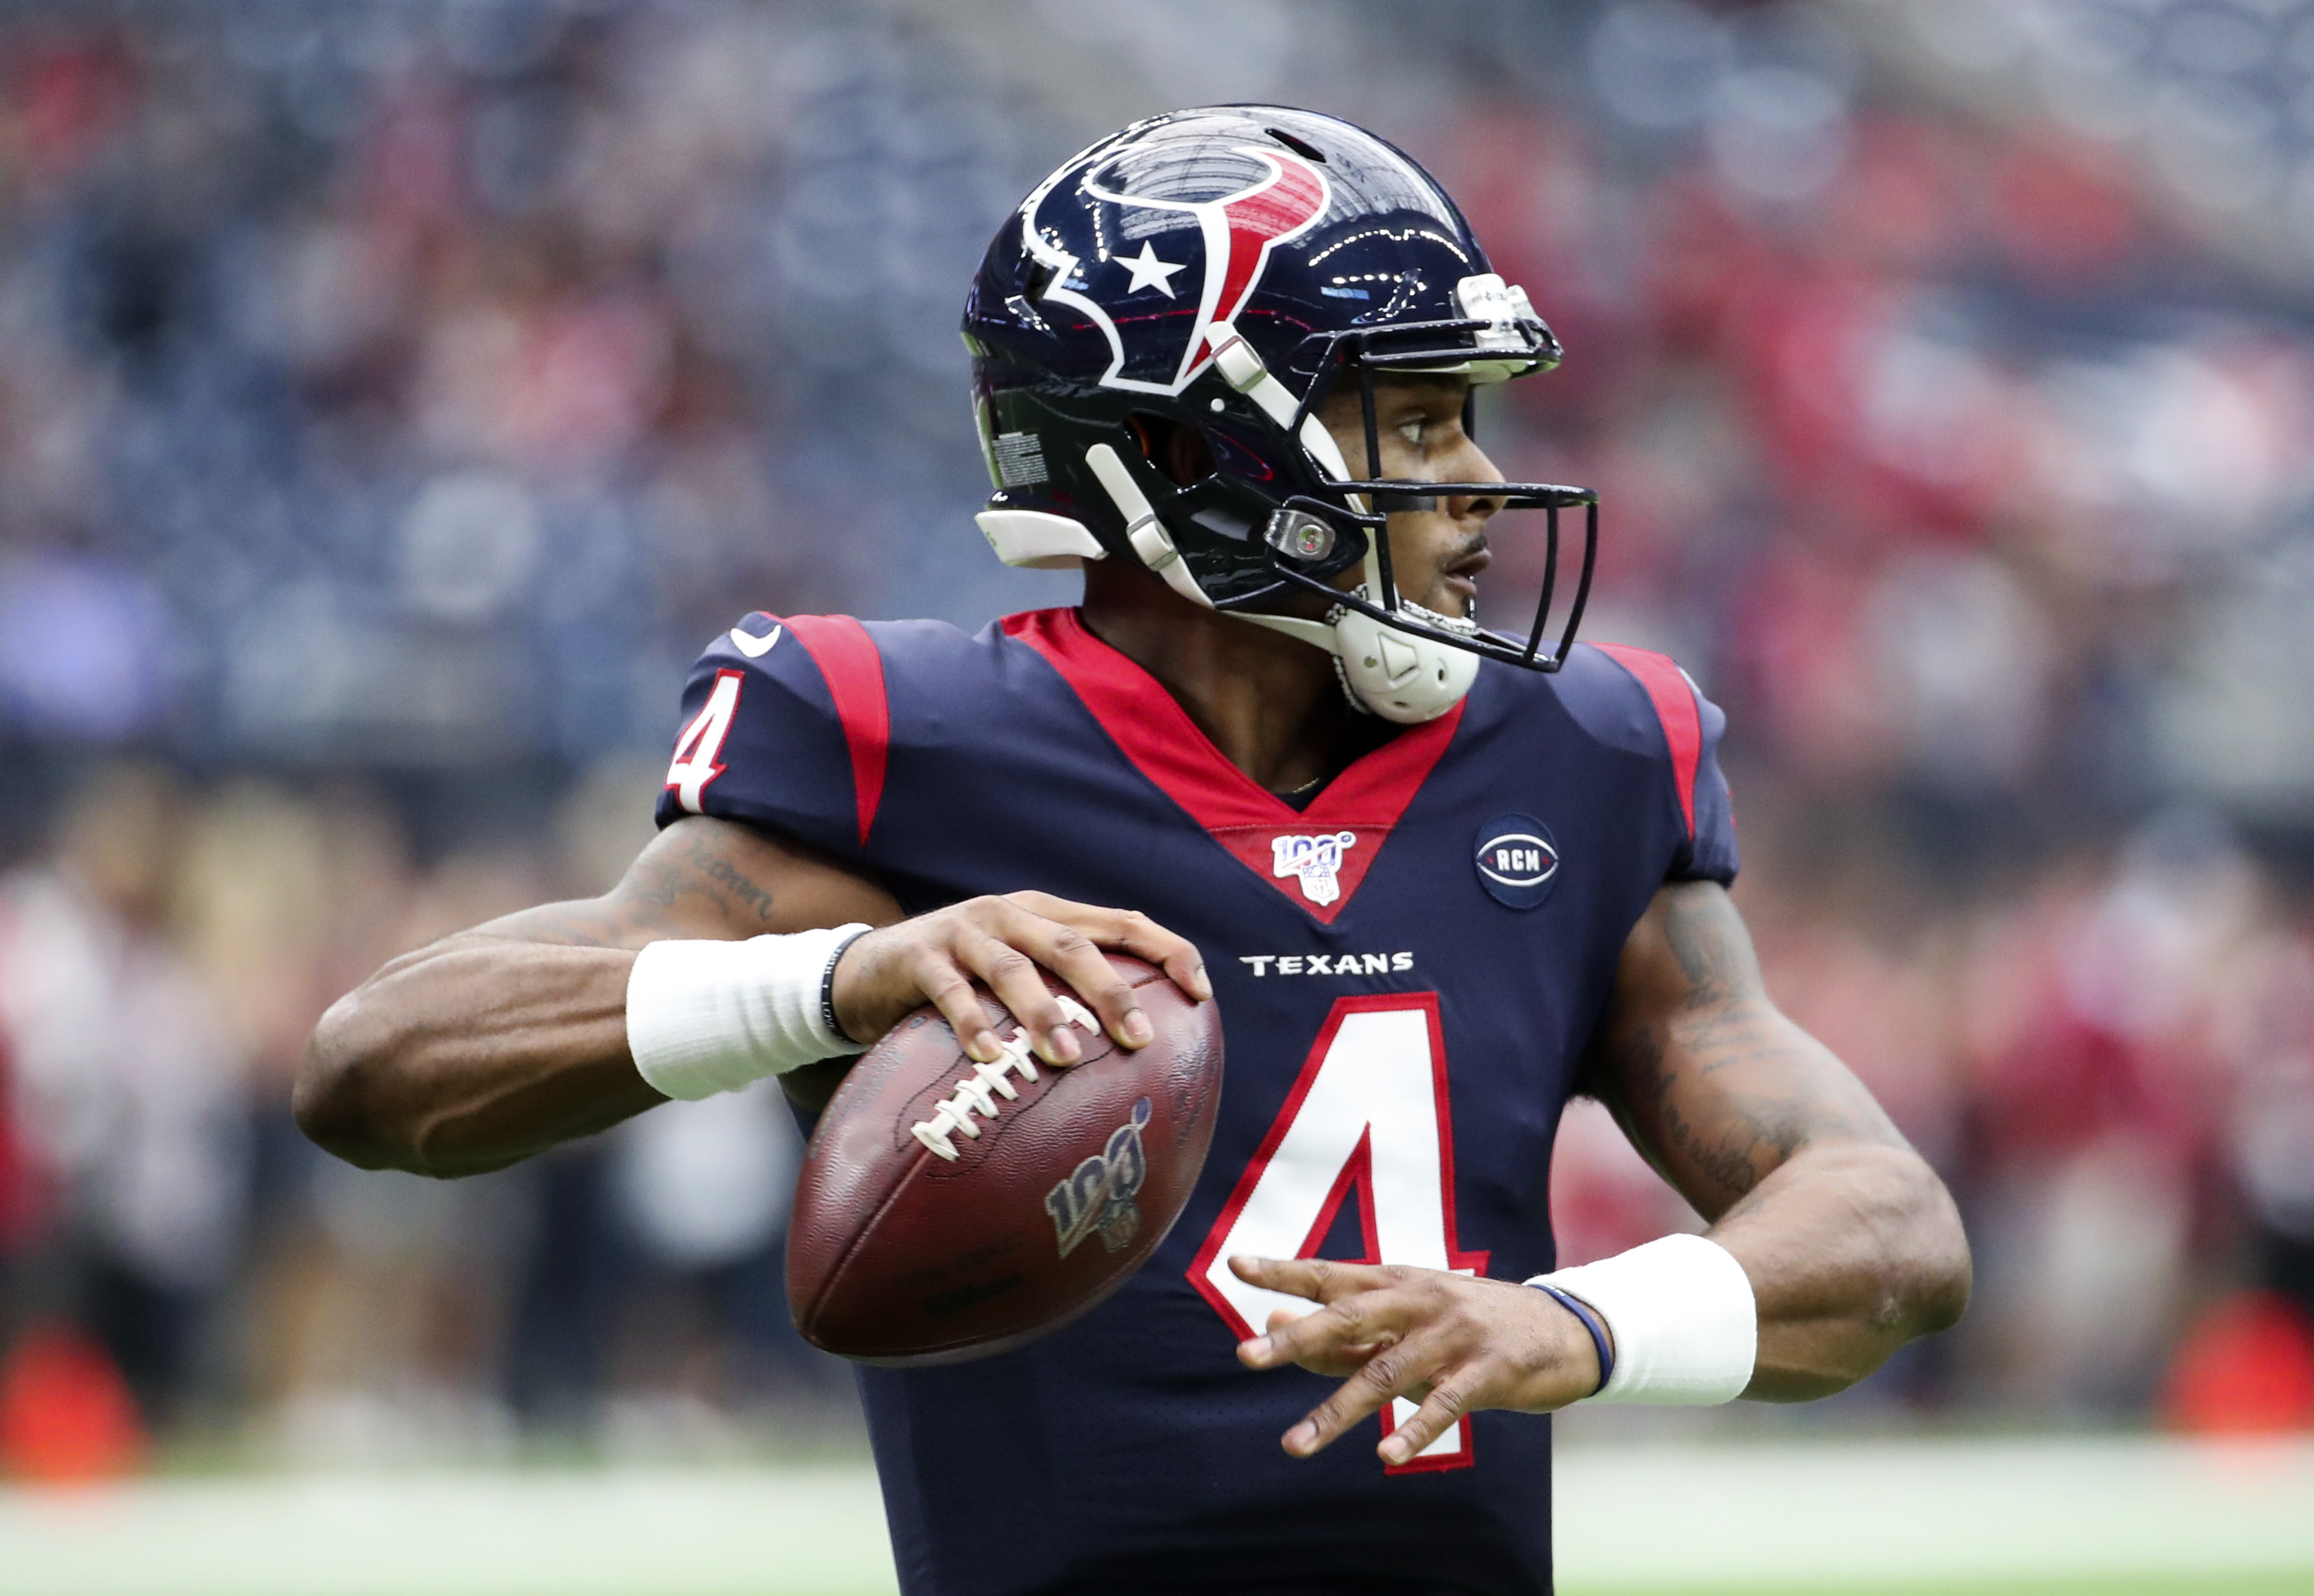 Top five NFL performers in Week 5